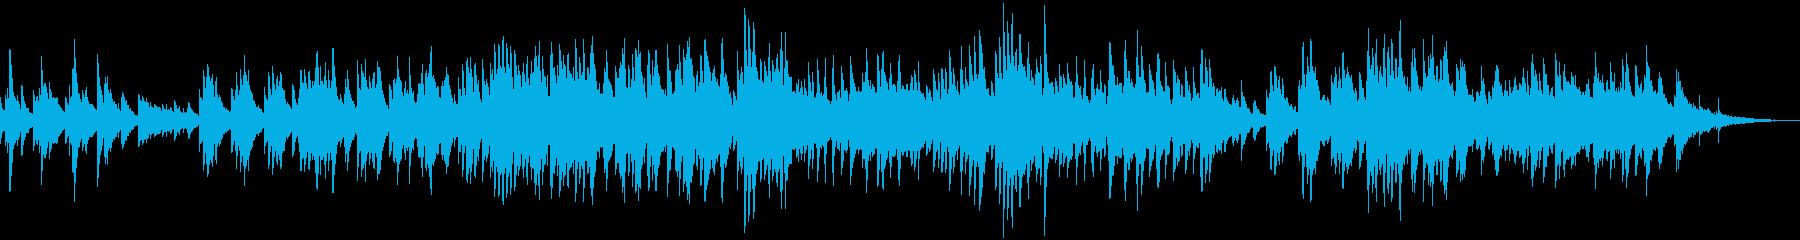 ピアノ、ギター、ストリングスのバラードの再生済みの波形